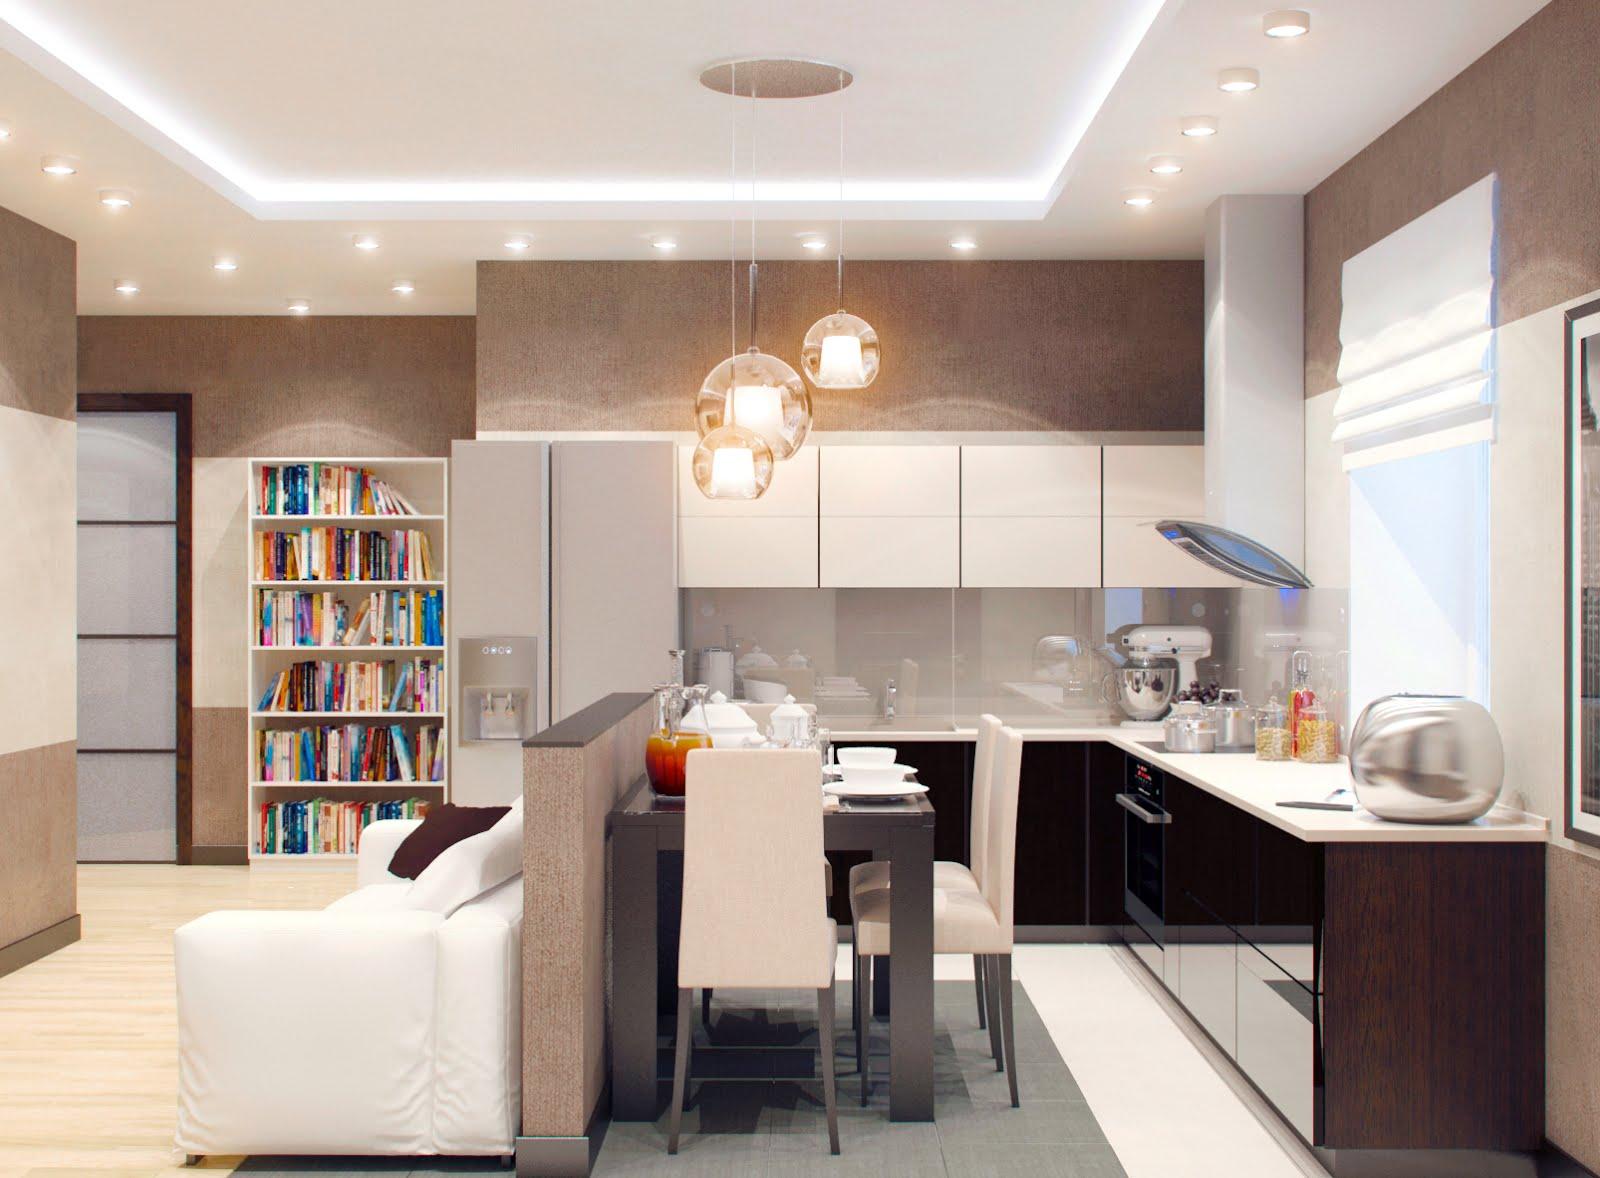 кухня совмещенная с залом идеи